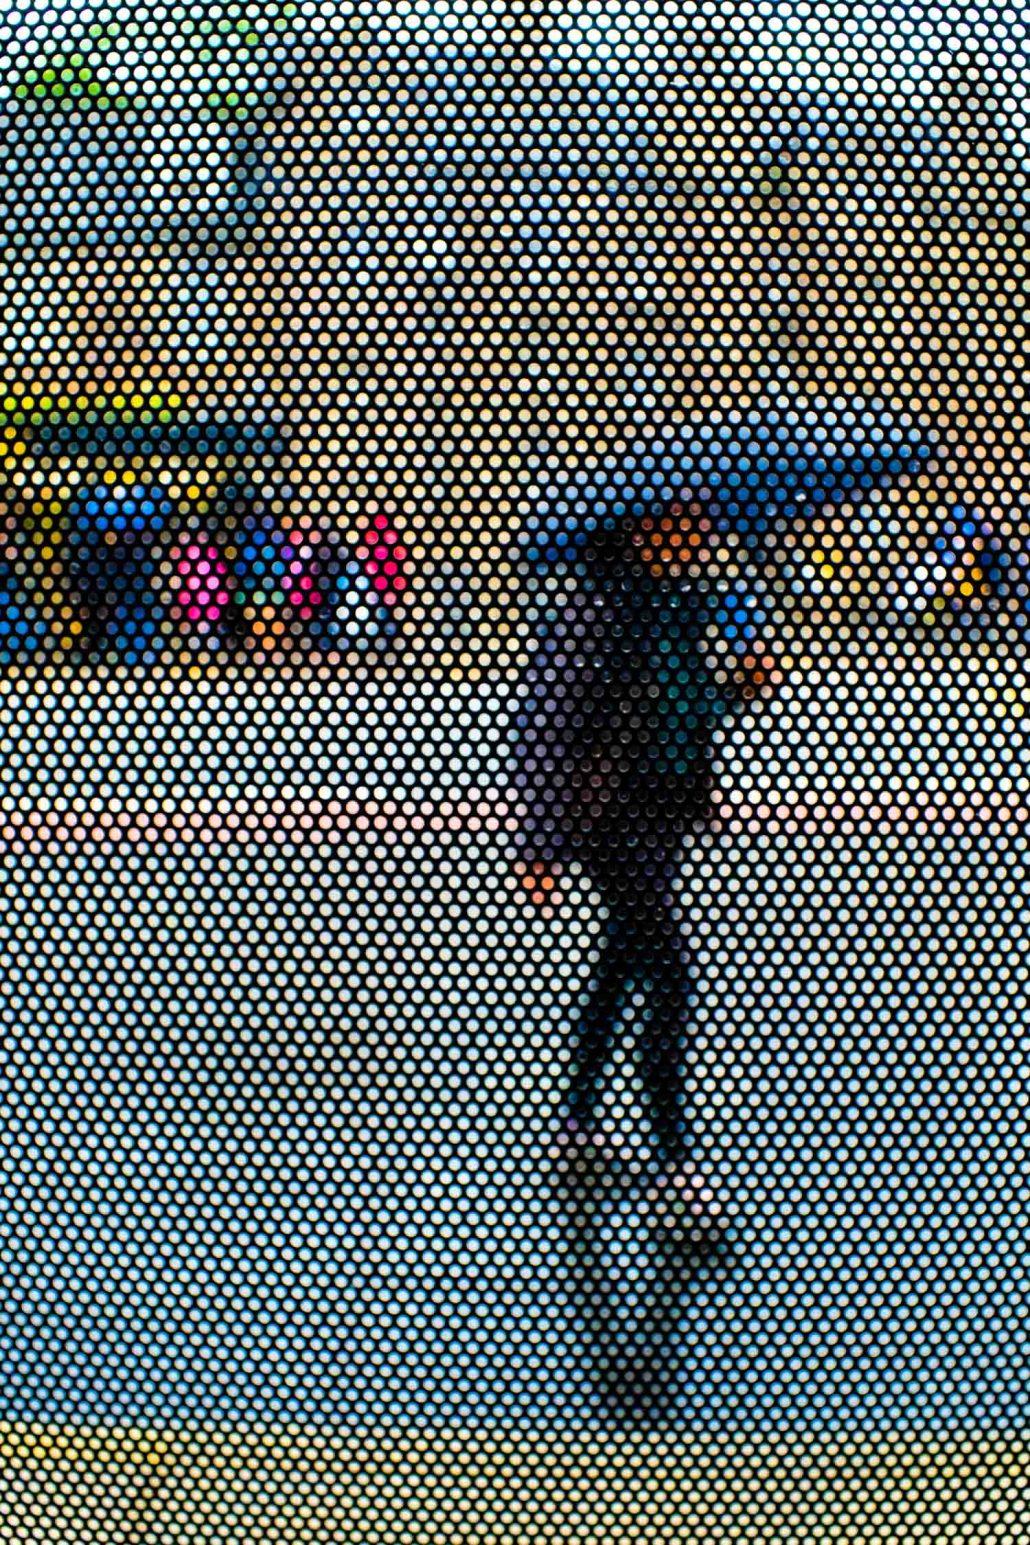 PIXEL RAIN !!!